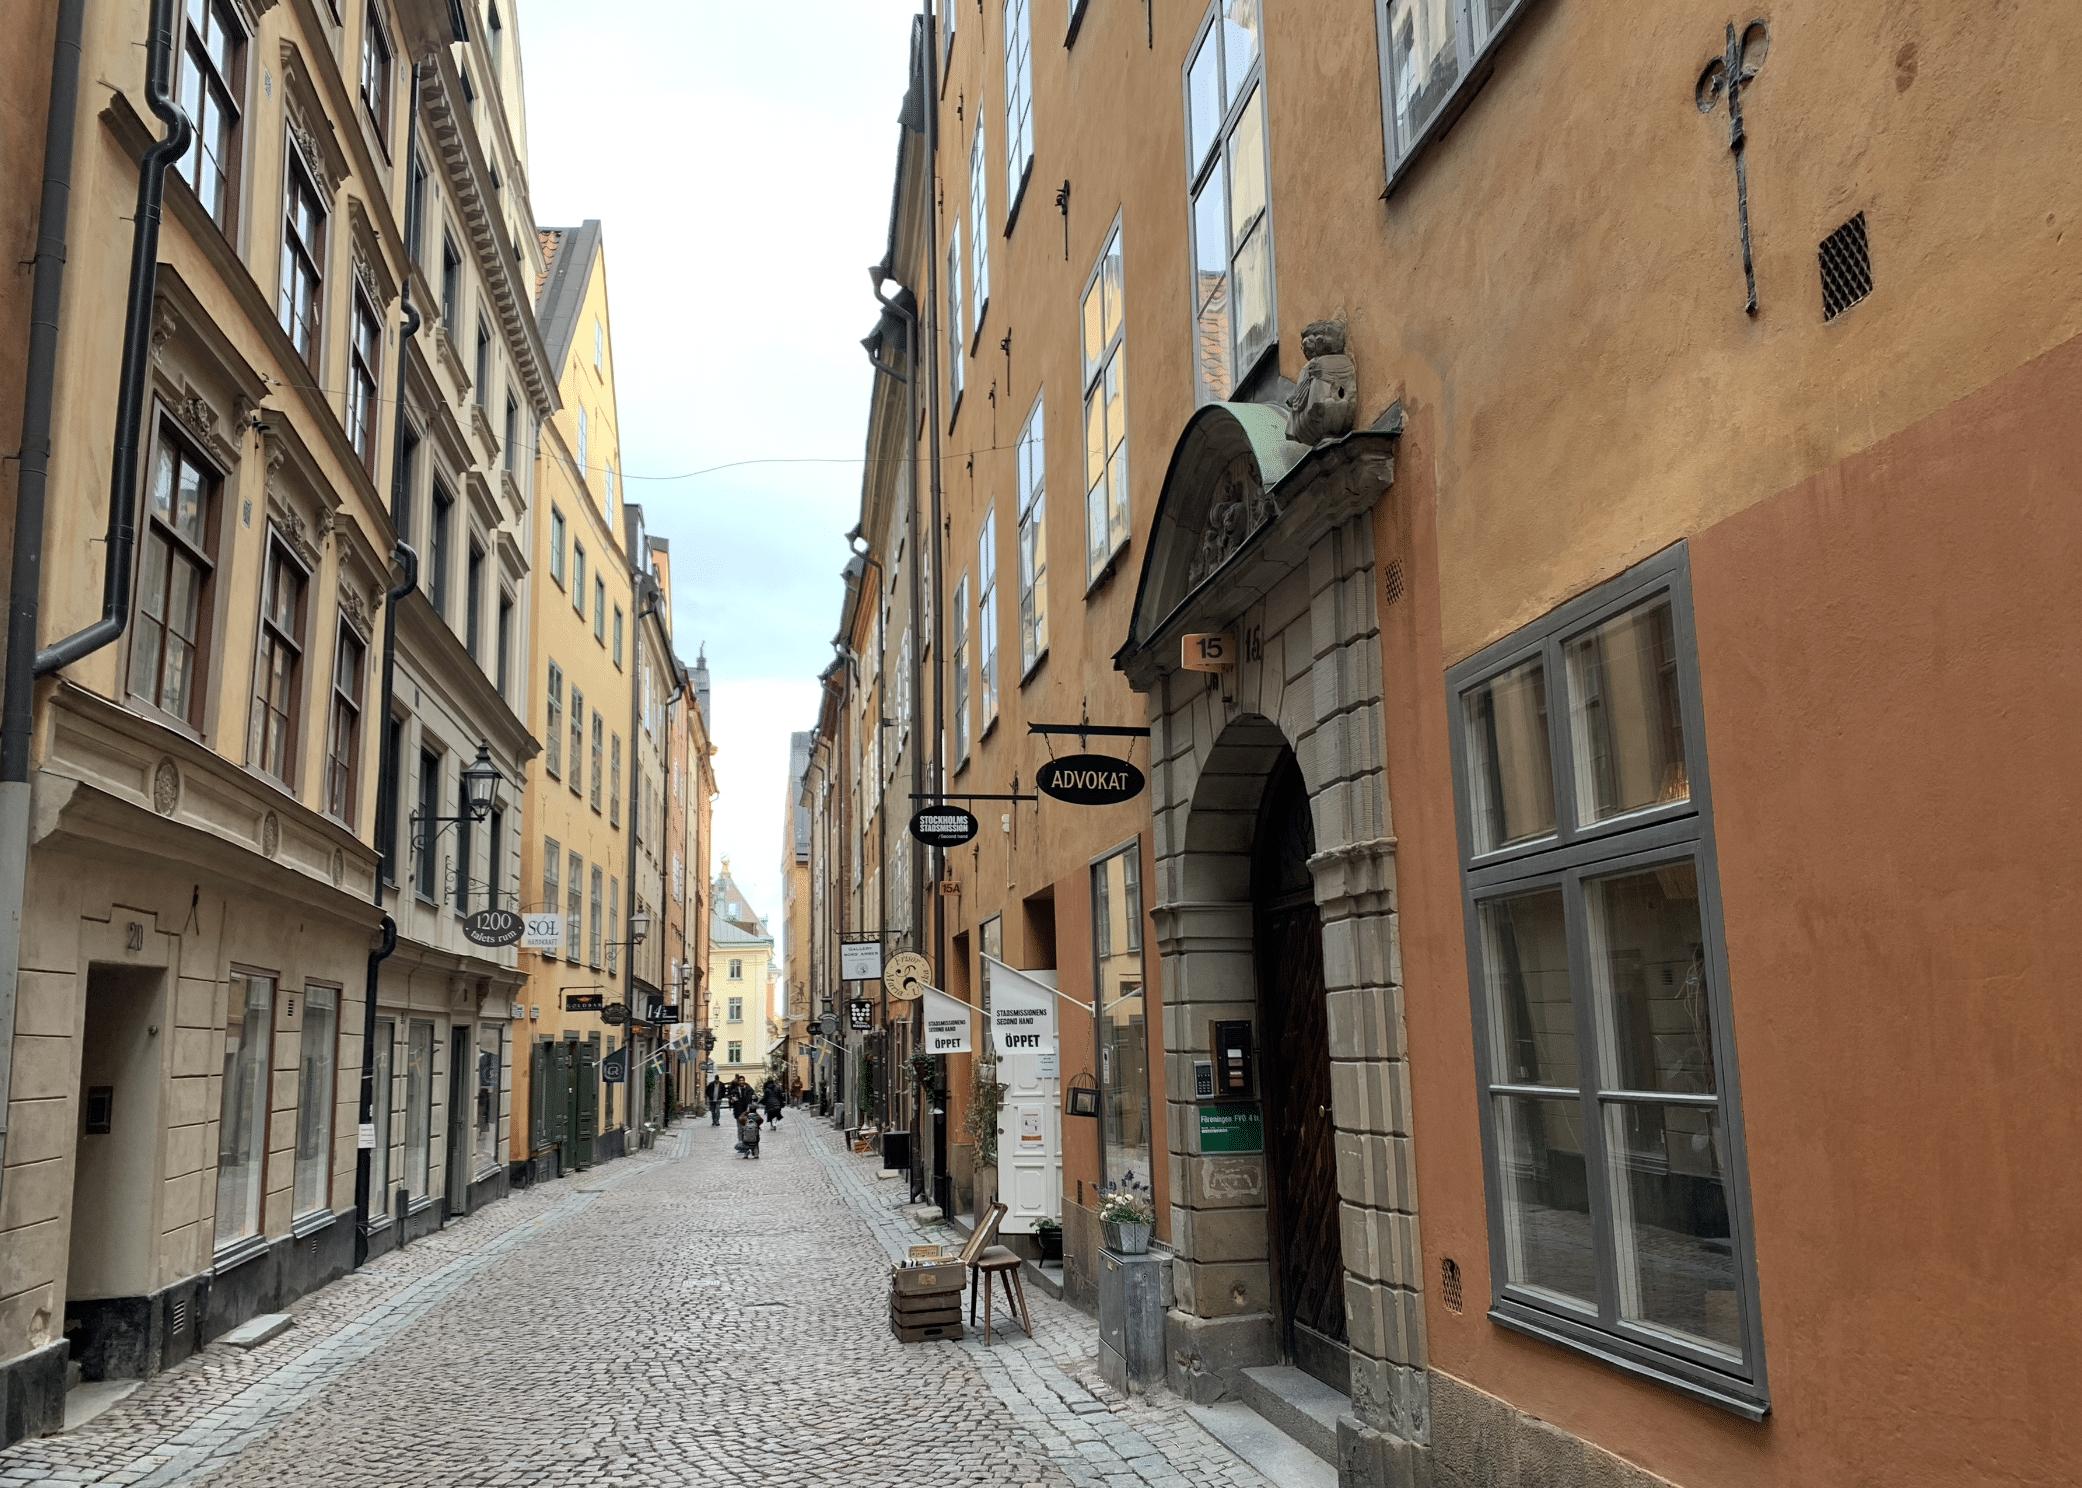 une ruelle pavee dans gamla stan